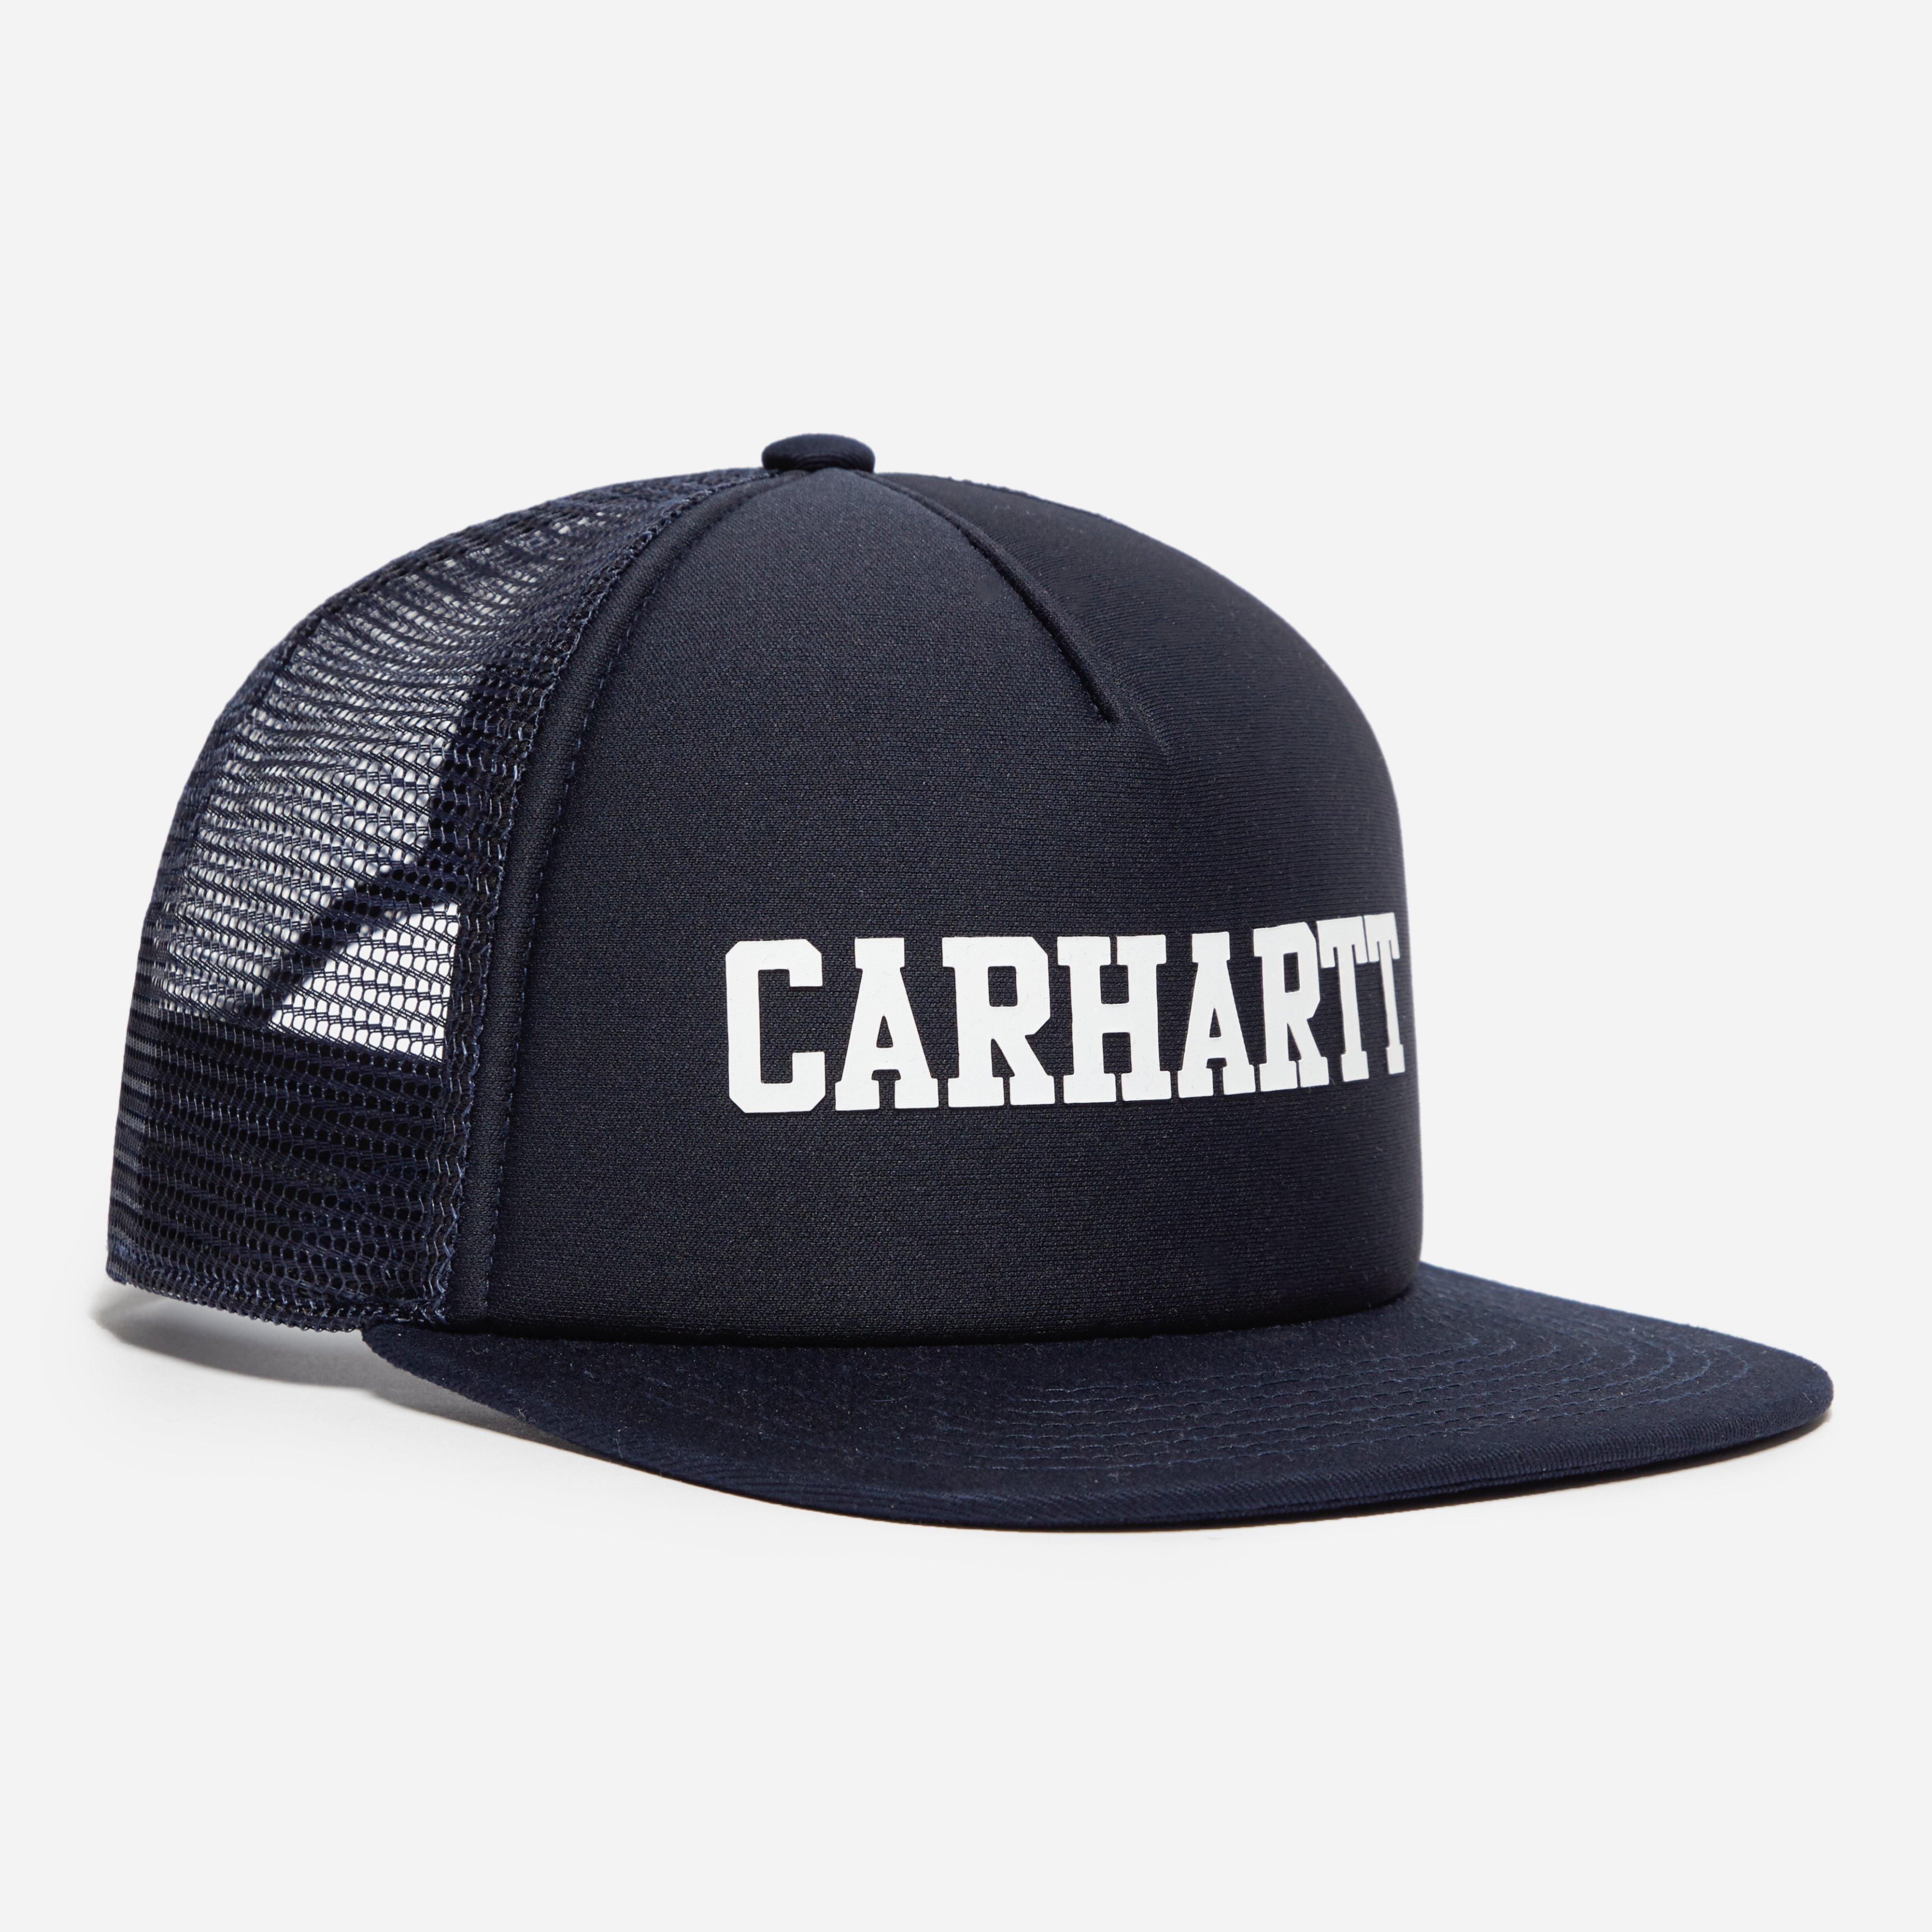 b936965112a74 ... carhartt st louis cardinals